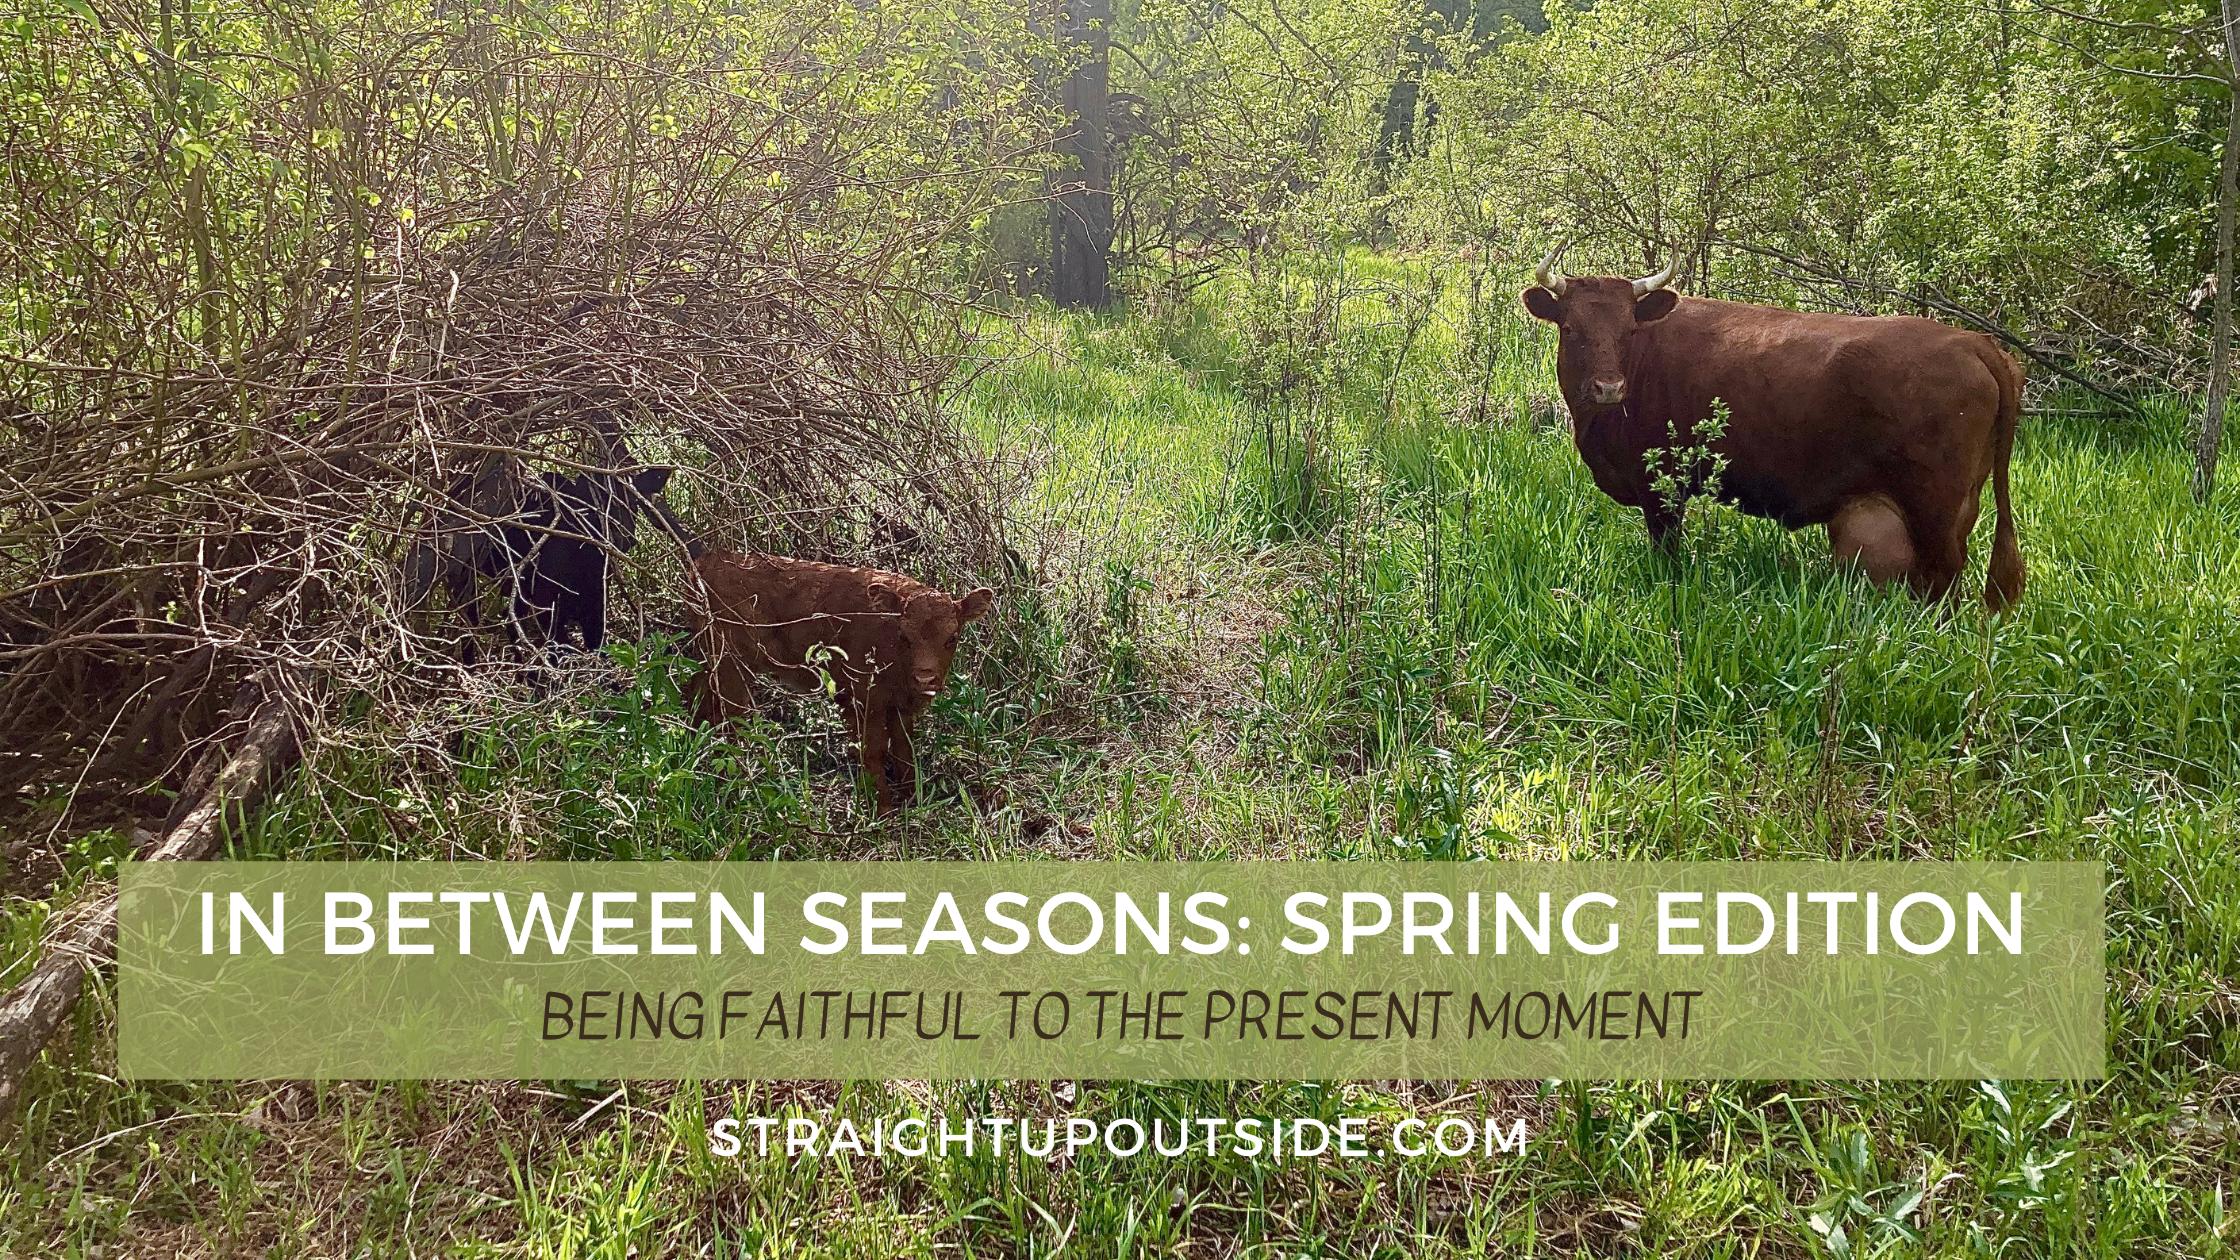 In Between Seasons: Spring Edition